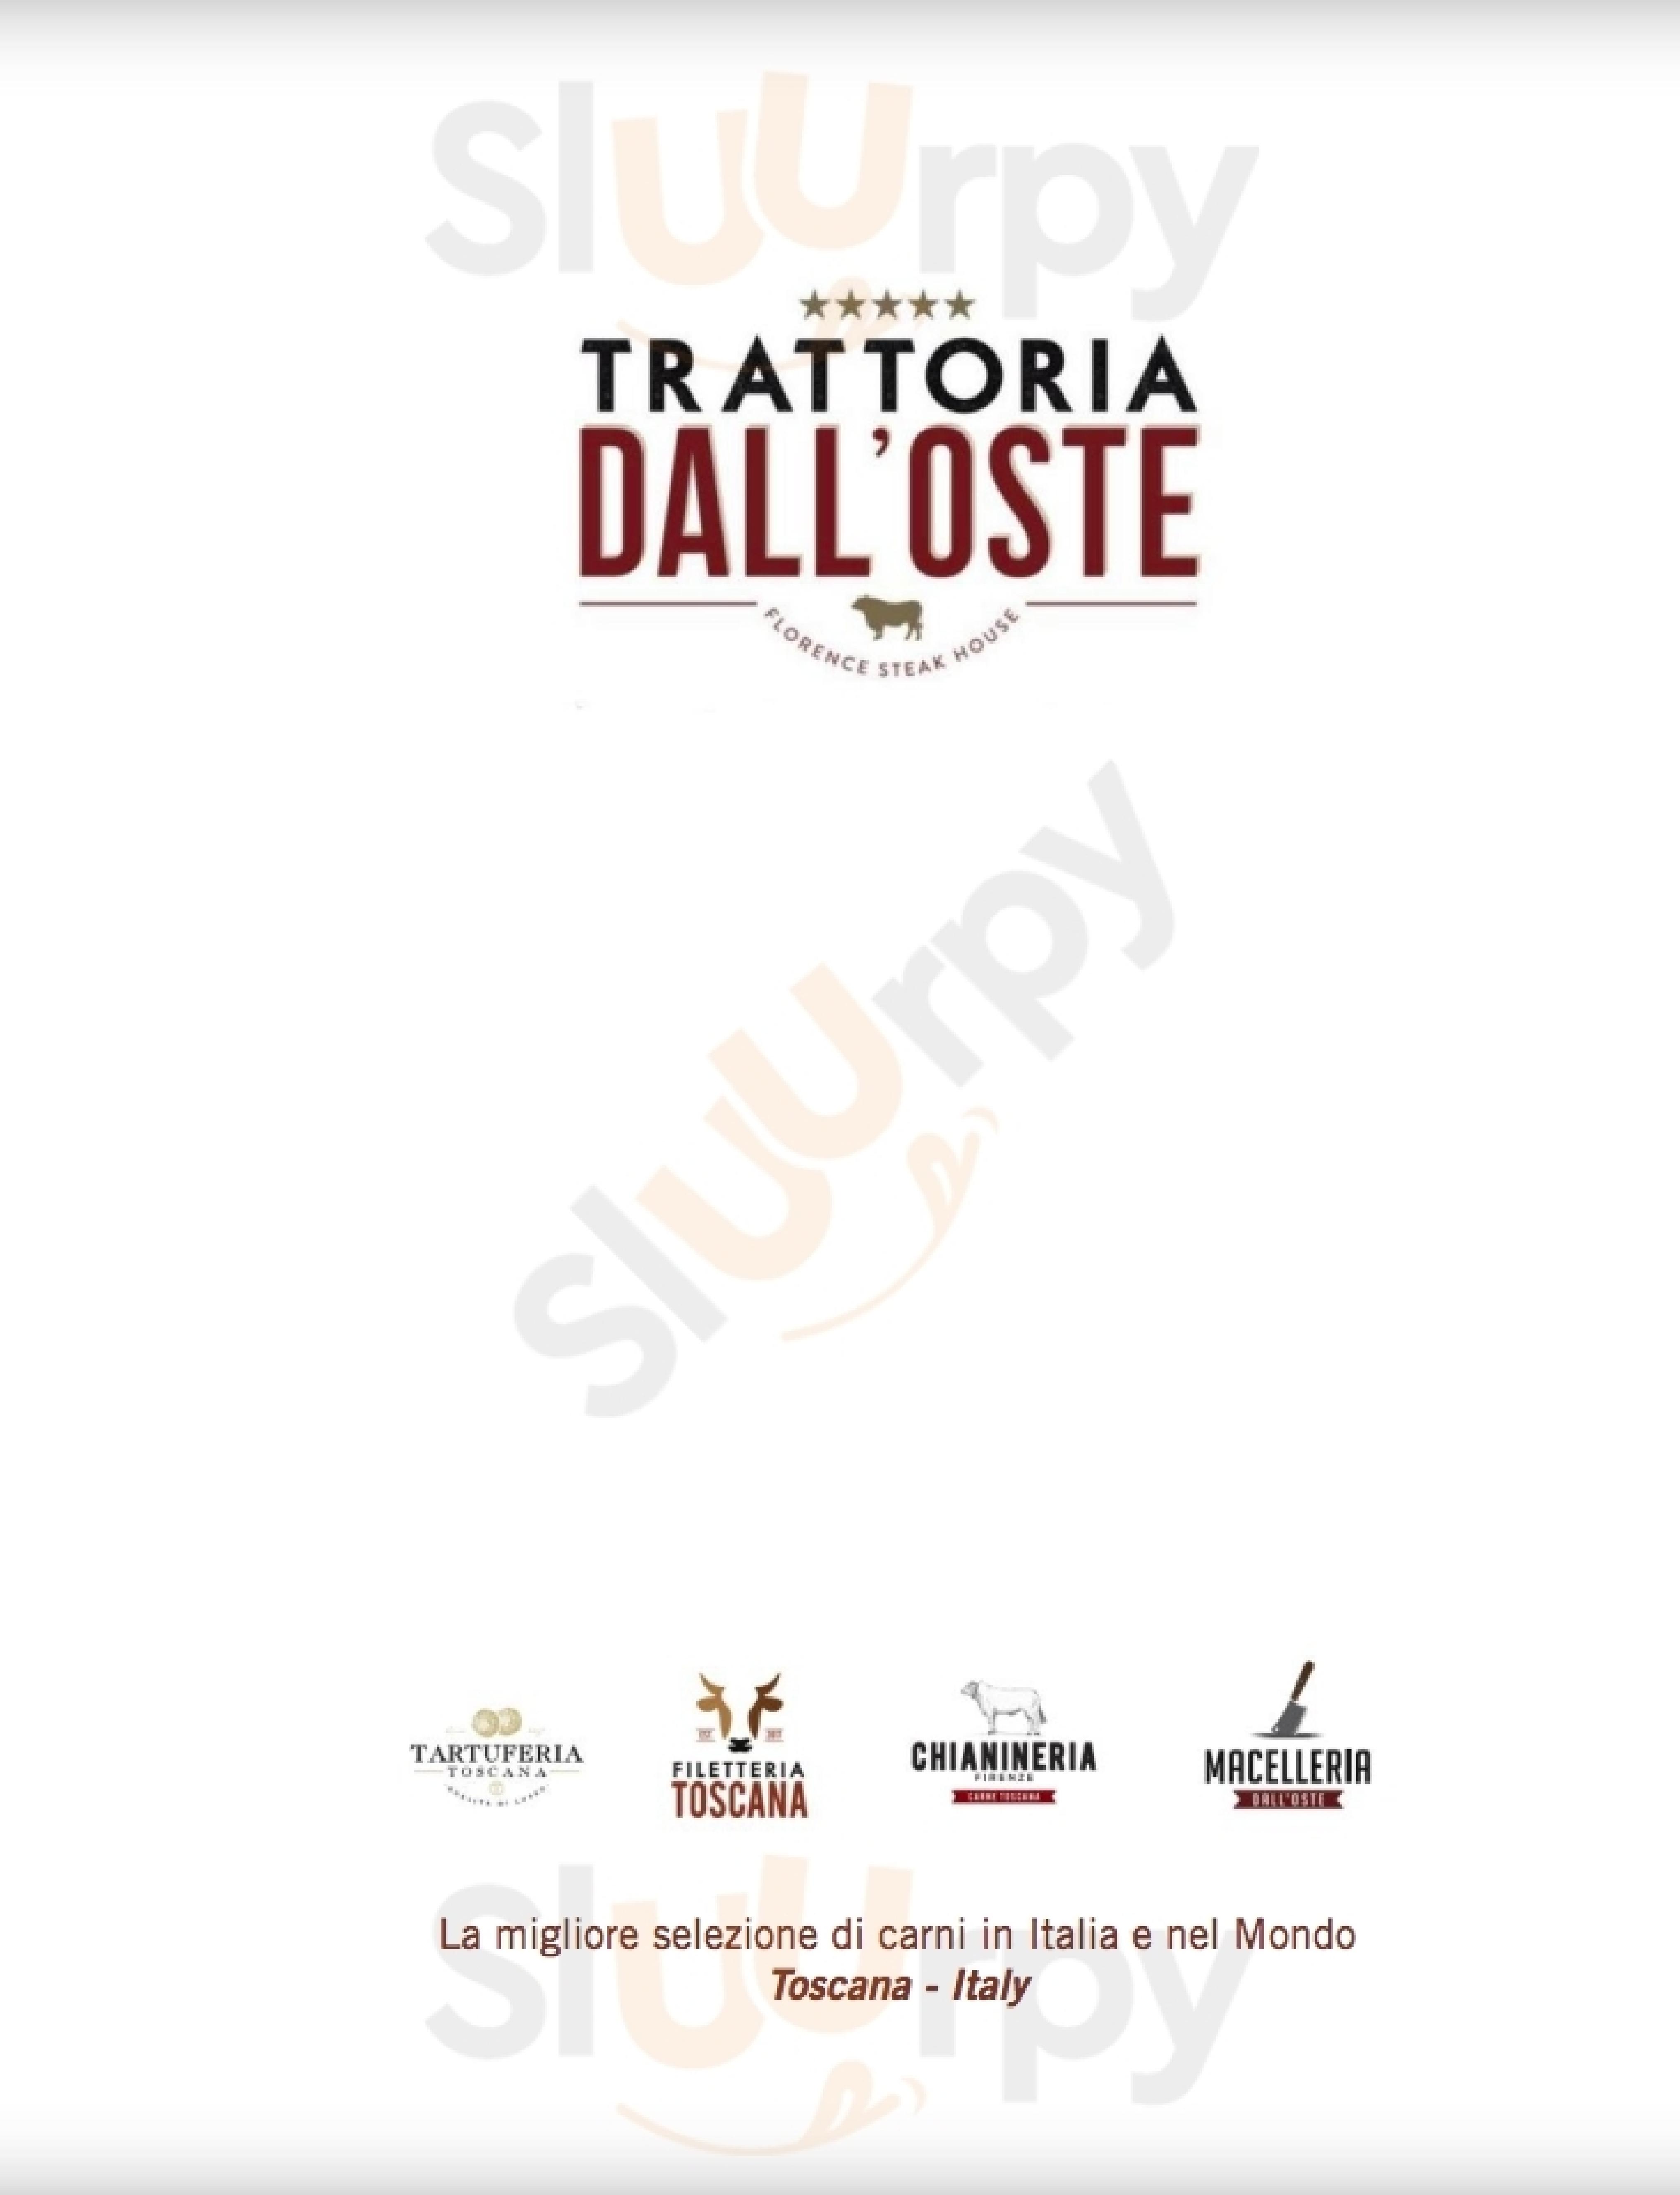 TRATTORIA DALL'OSTE BISTECCA FIORENTINA CHIANINA Firenze menù 1 pagina